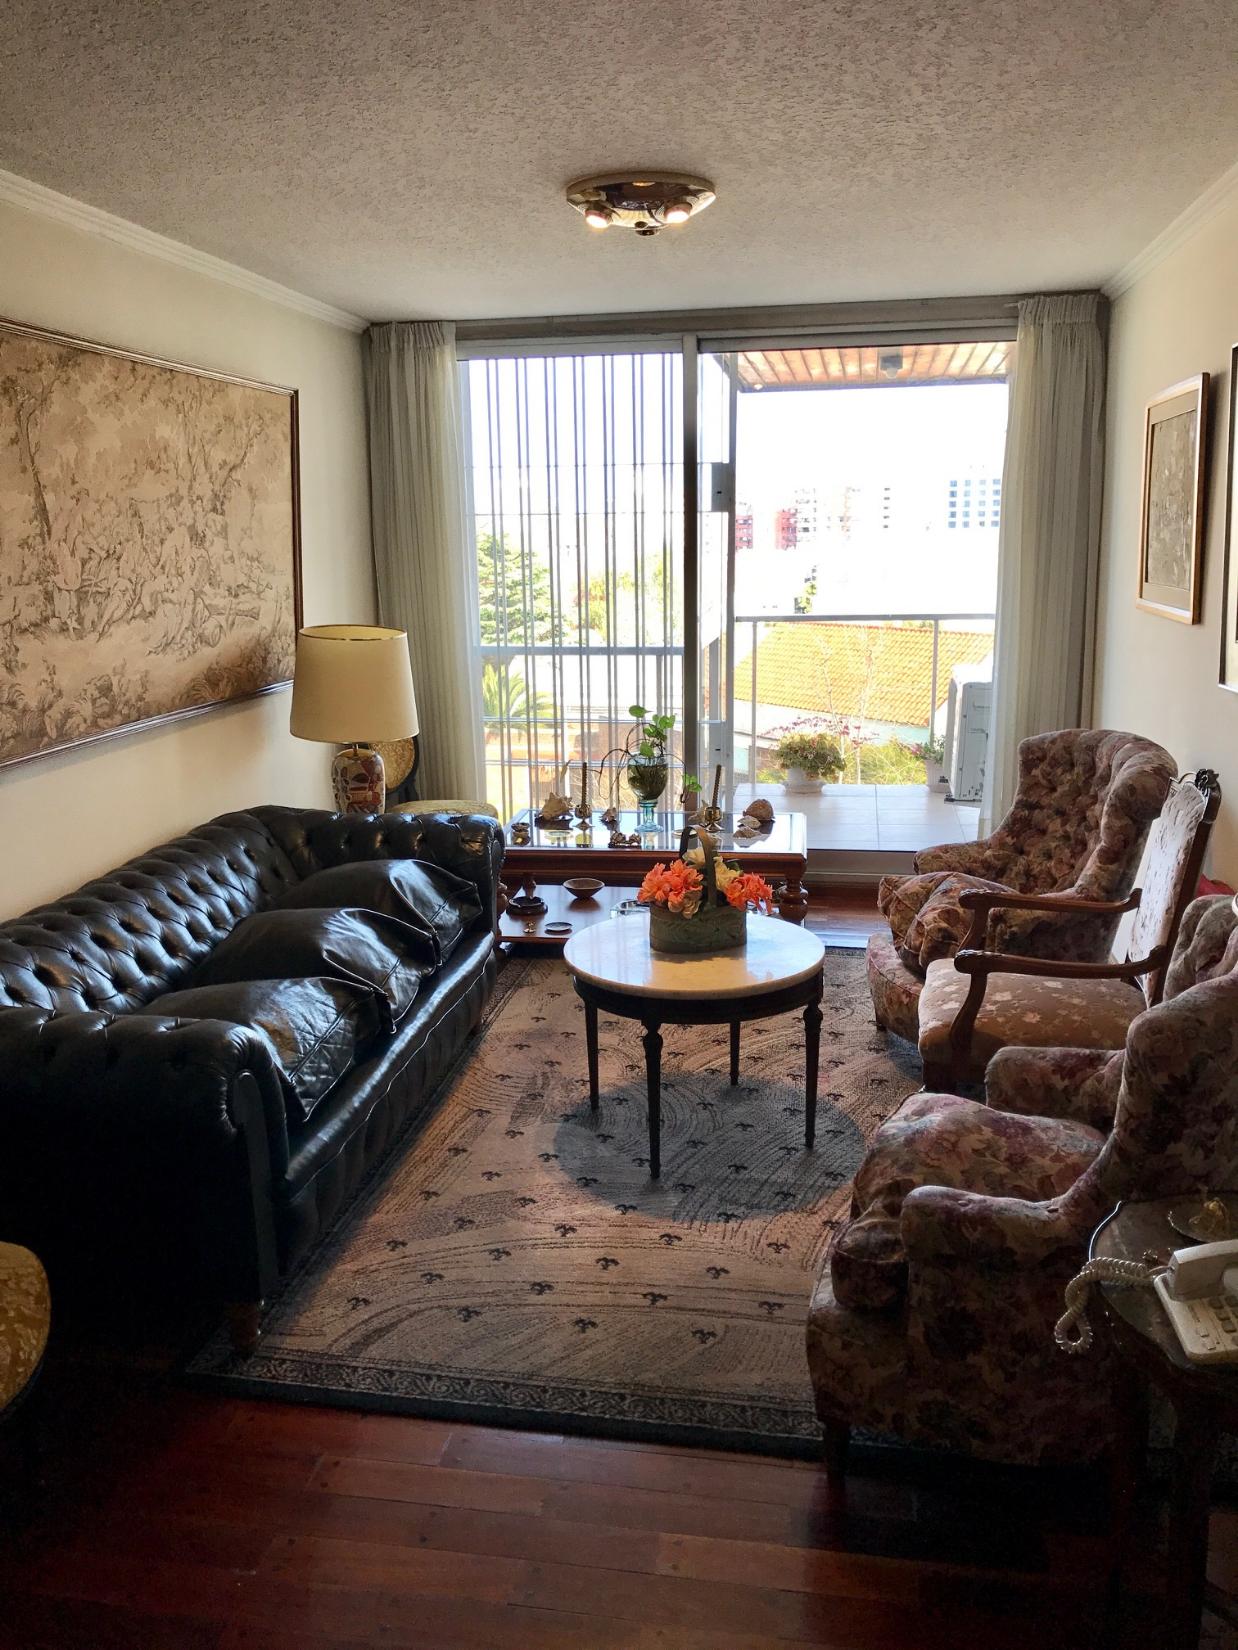 Venta apartamento Pocitos 3 dormitorio